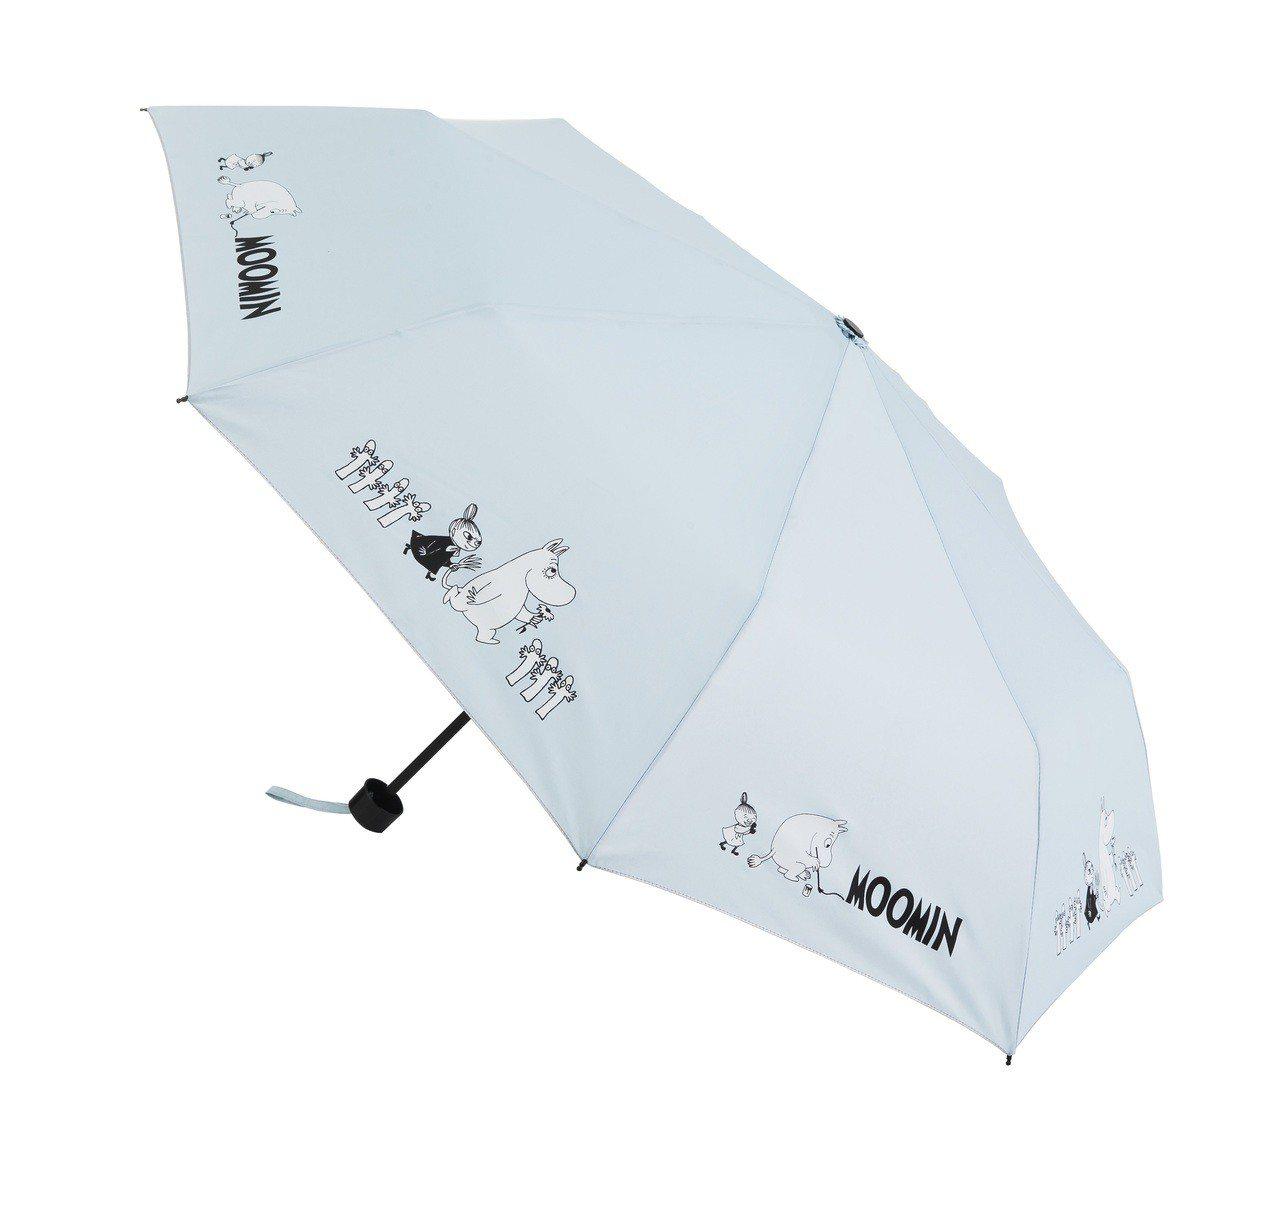 康是美MOOMIN遮陽擋雨傘,8月15日至8月28日加購價229元。圖/康是美提...